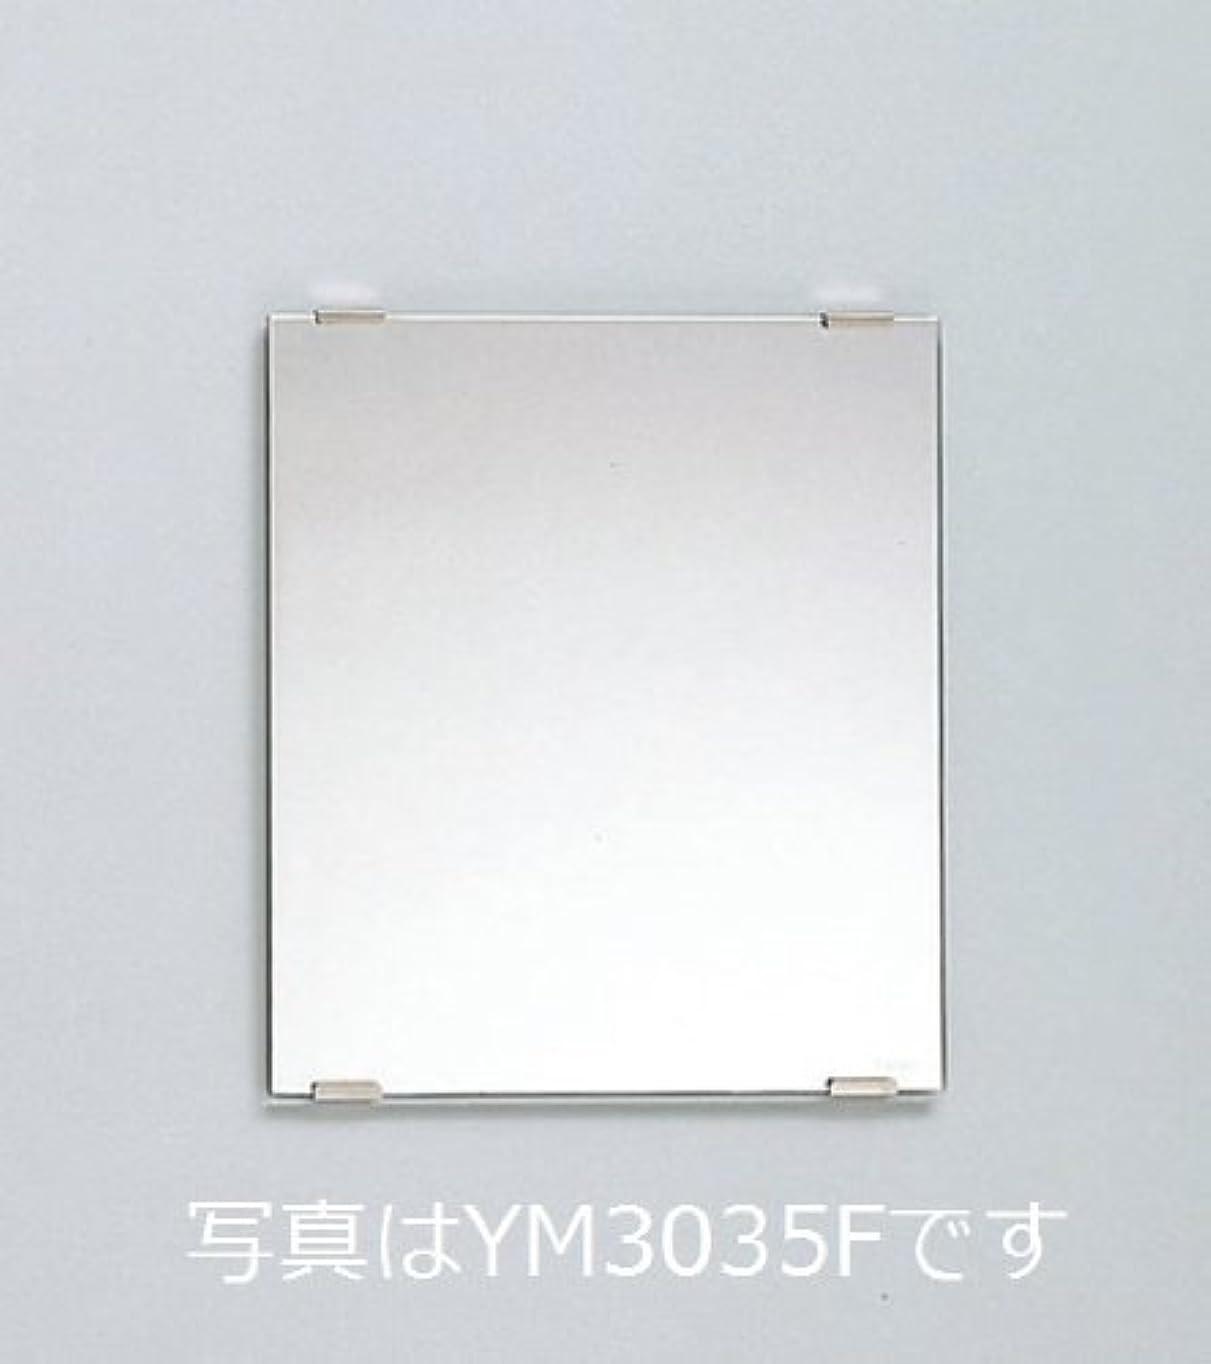 マニアック非常に飼料TOTO 化粧鏡 YM3560F 耐食鏡 角型 350×600(mm)